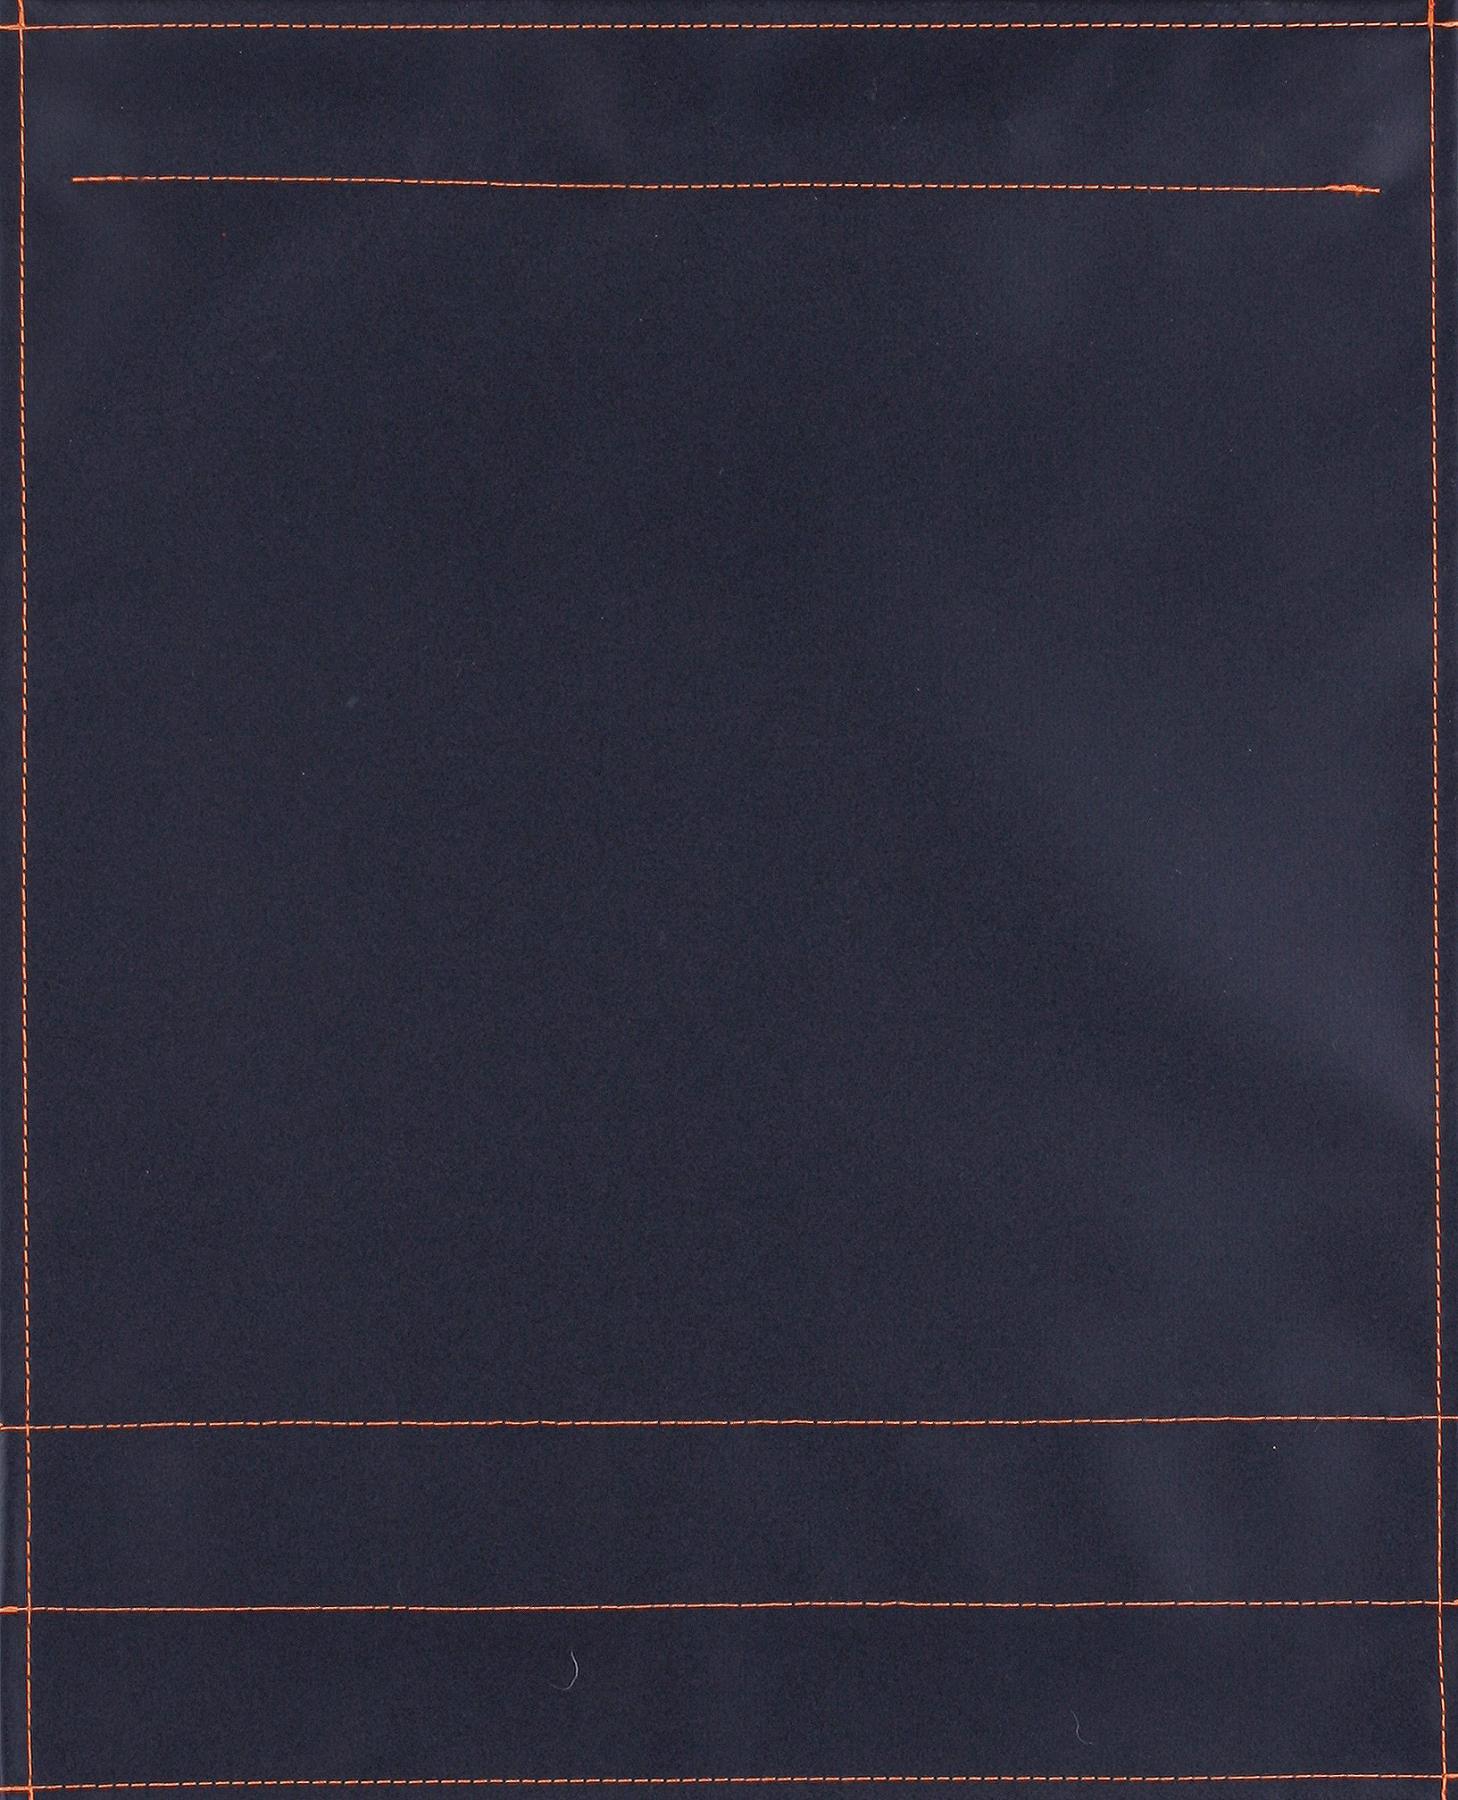 pur schwarz matt - Naht orange (groß)